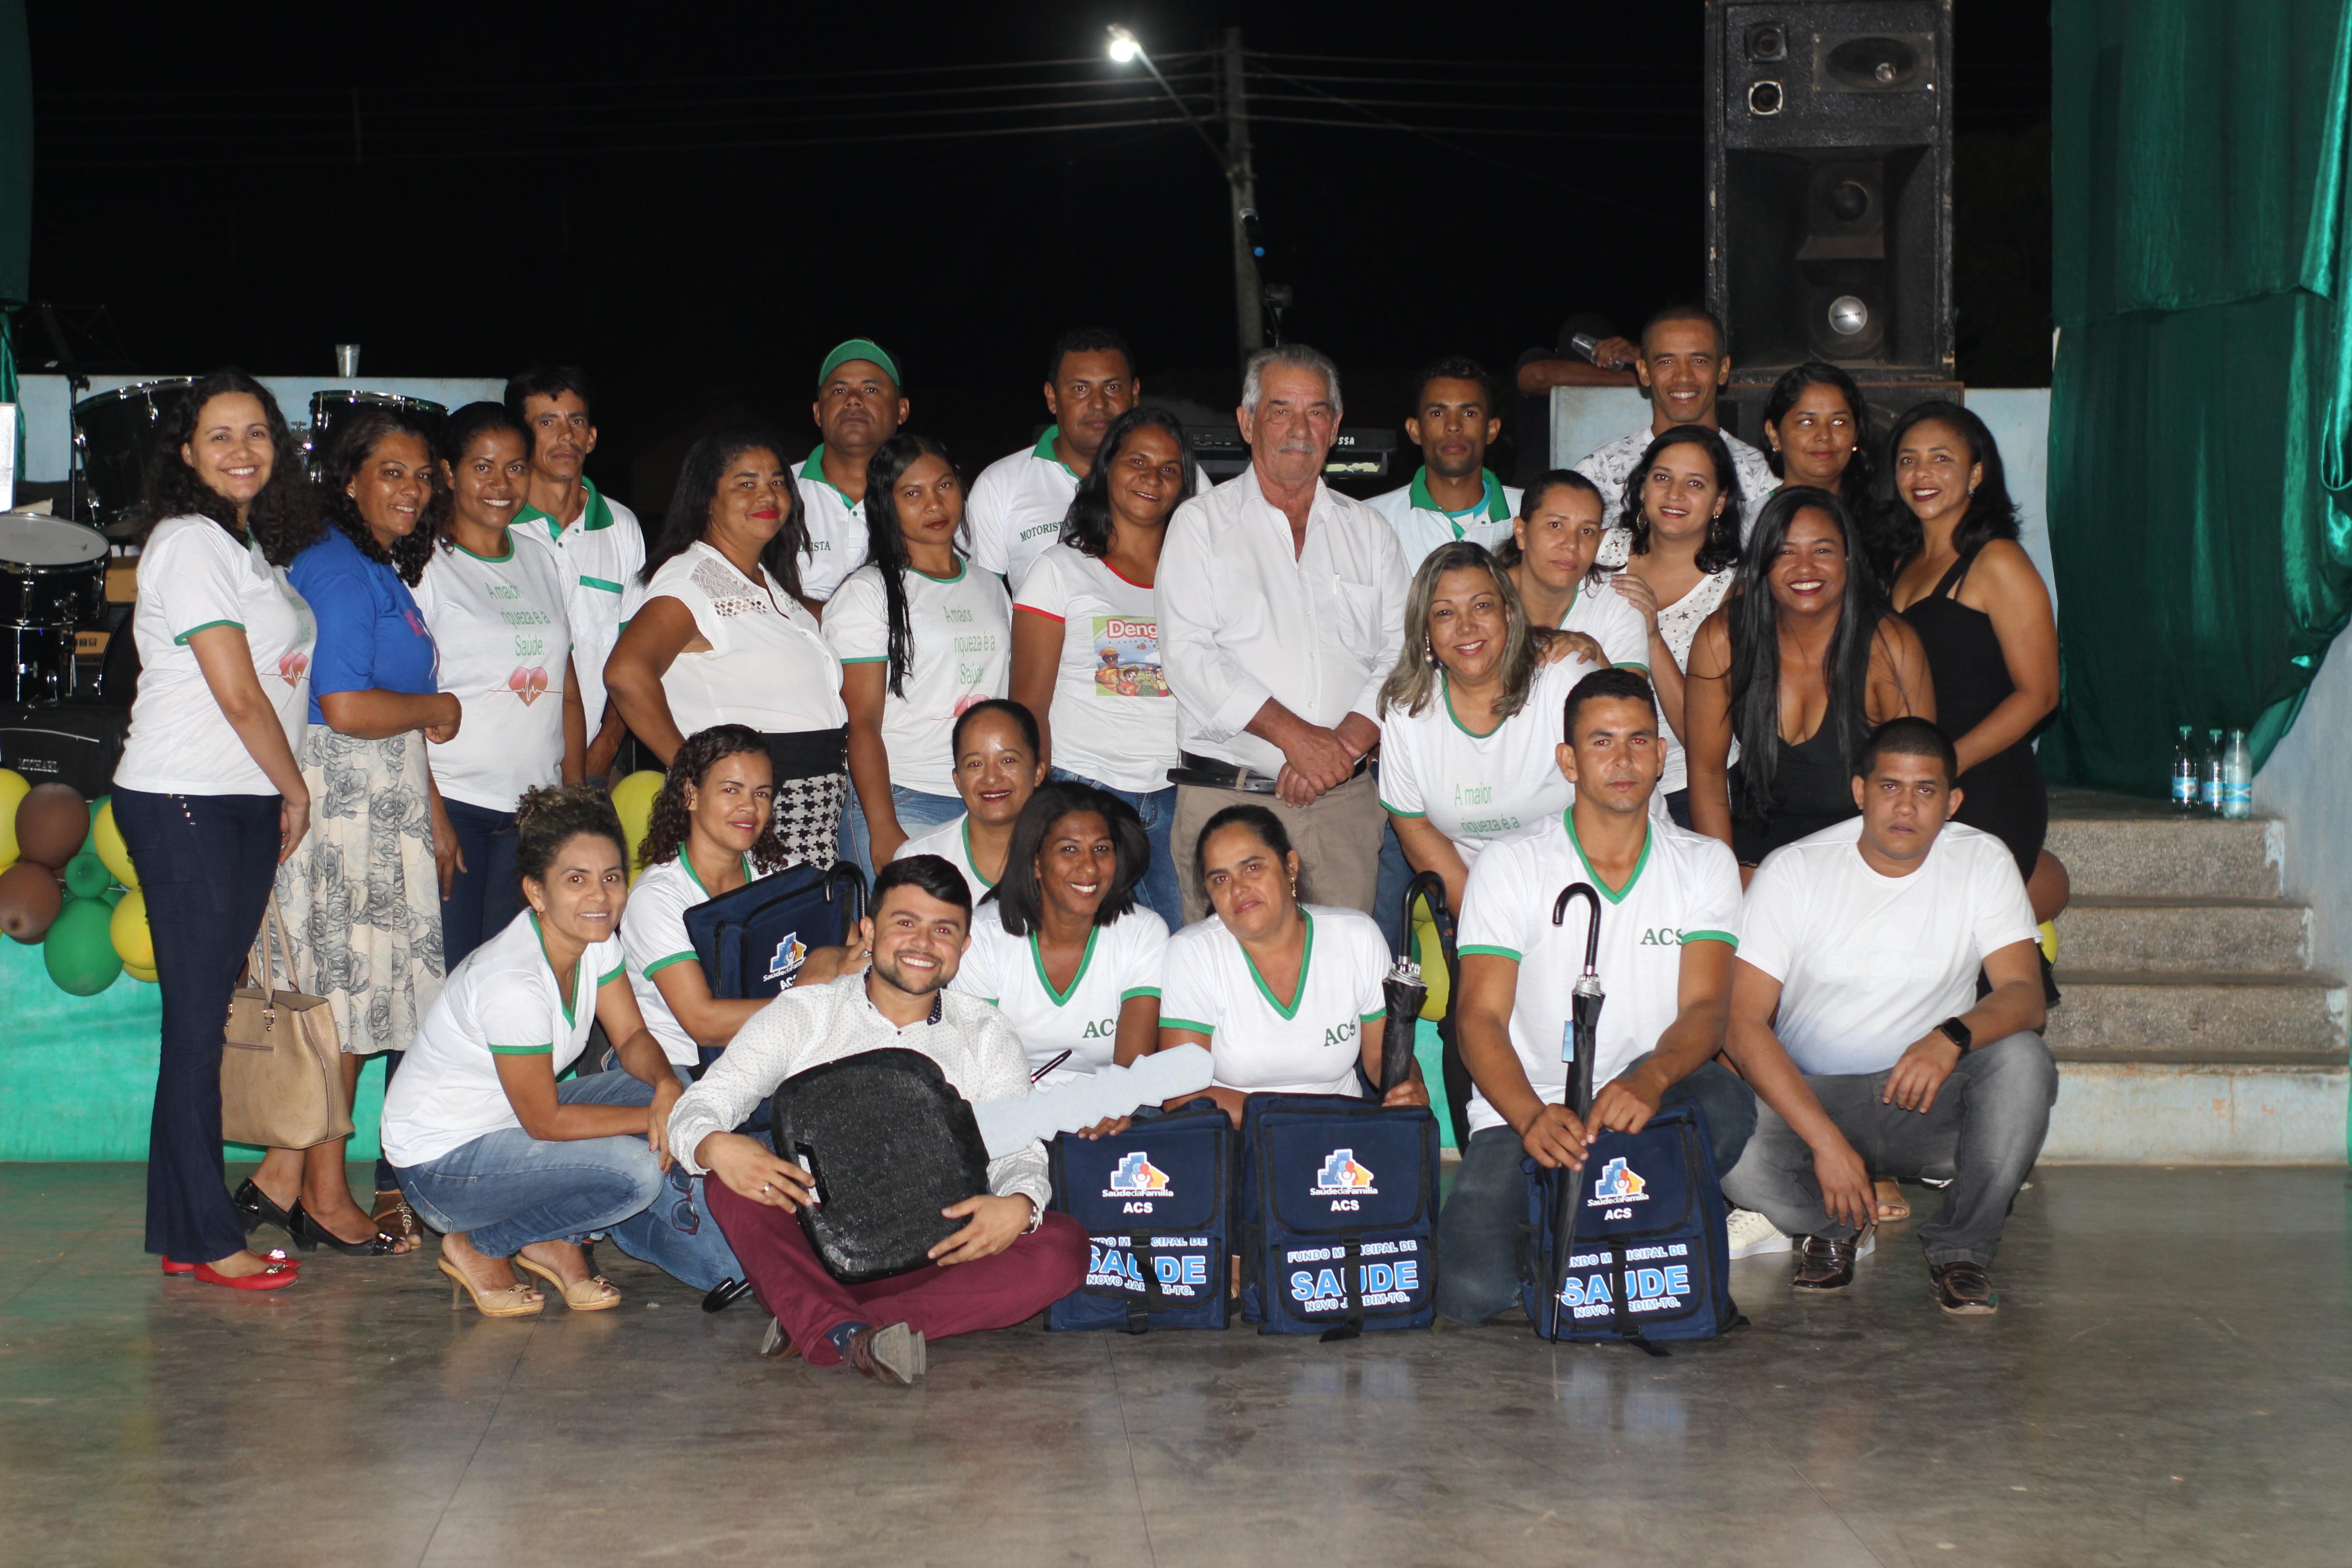 Prefeitura entrega kits de trabalho e uniforme para agentes comunitários de saúde